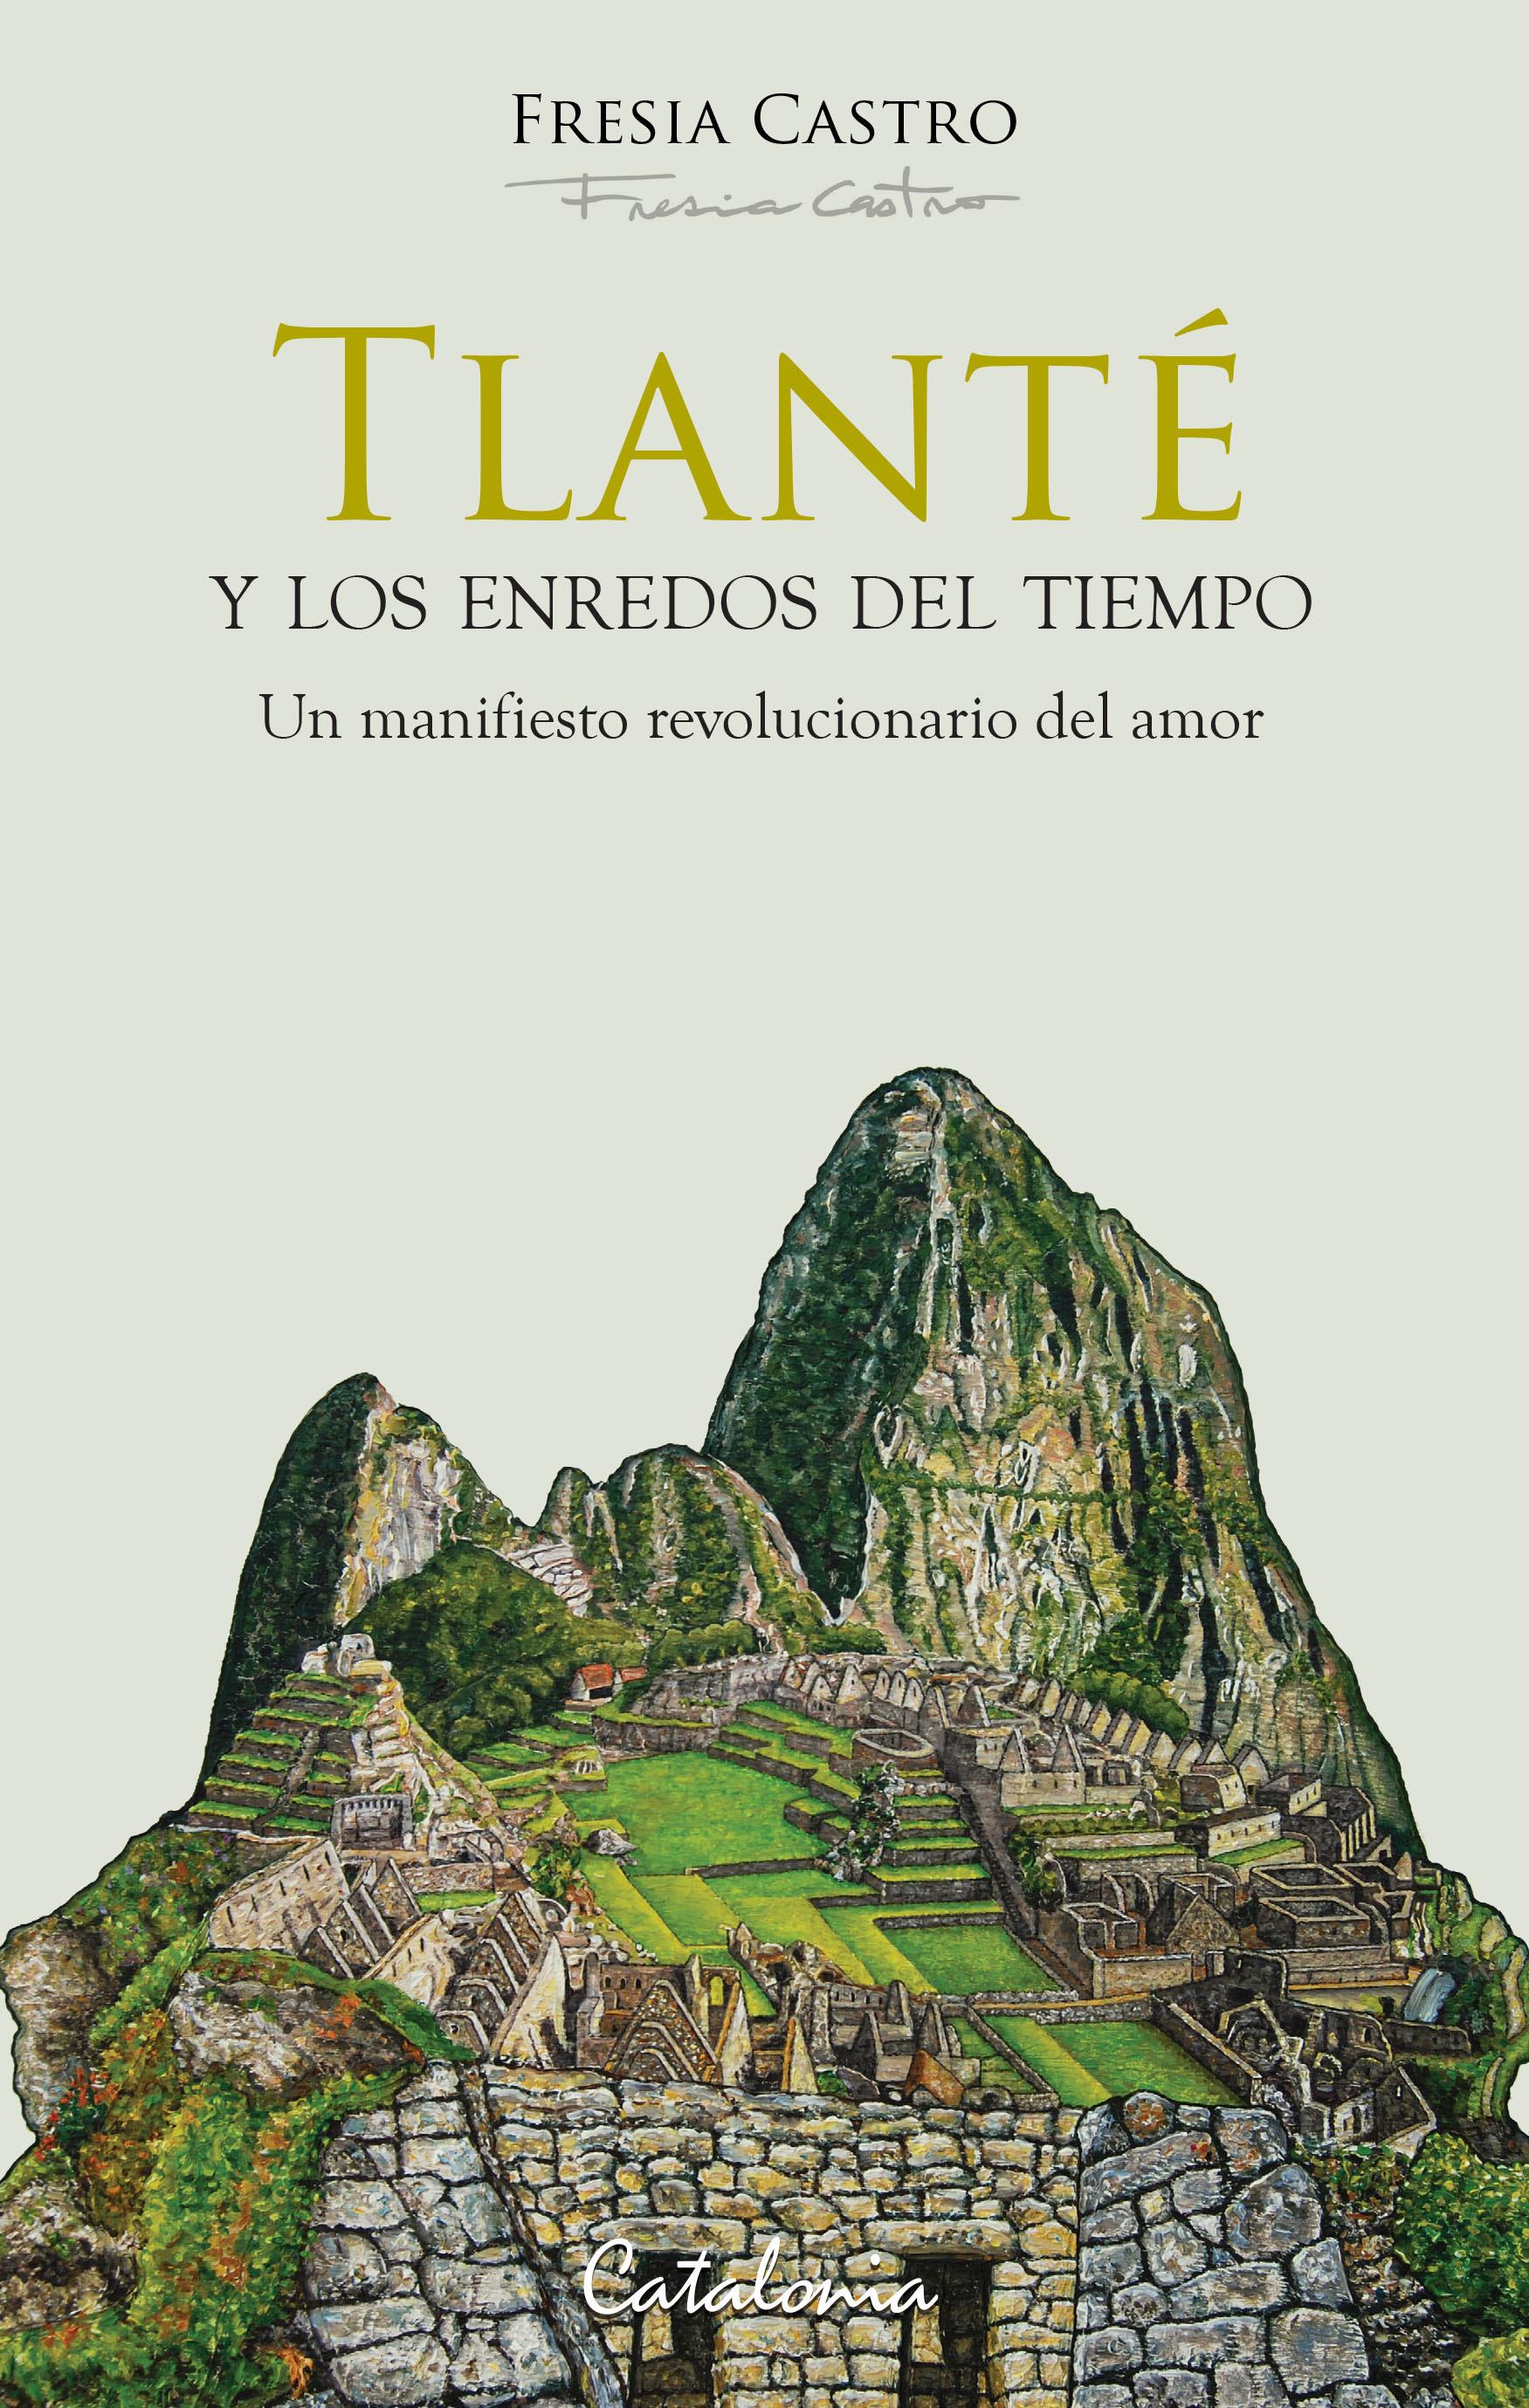 TLANTE. Y LOS ENREDOS DEL TIEMPO